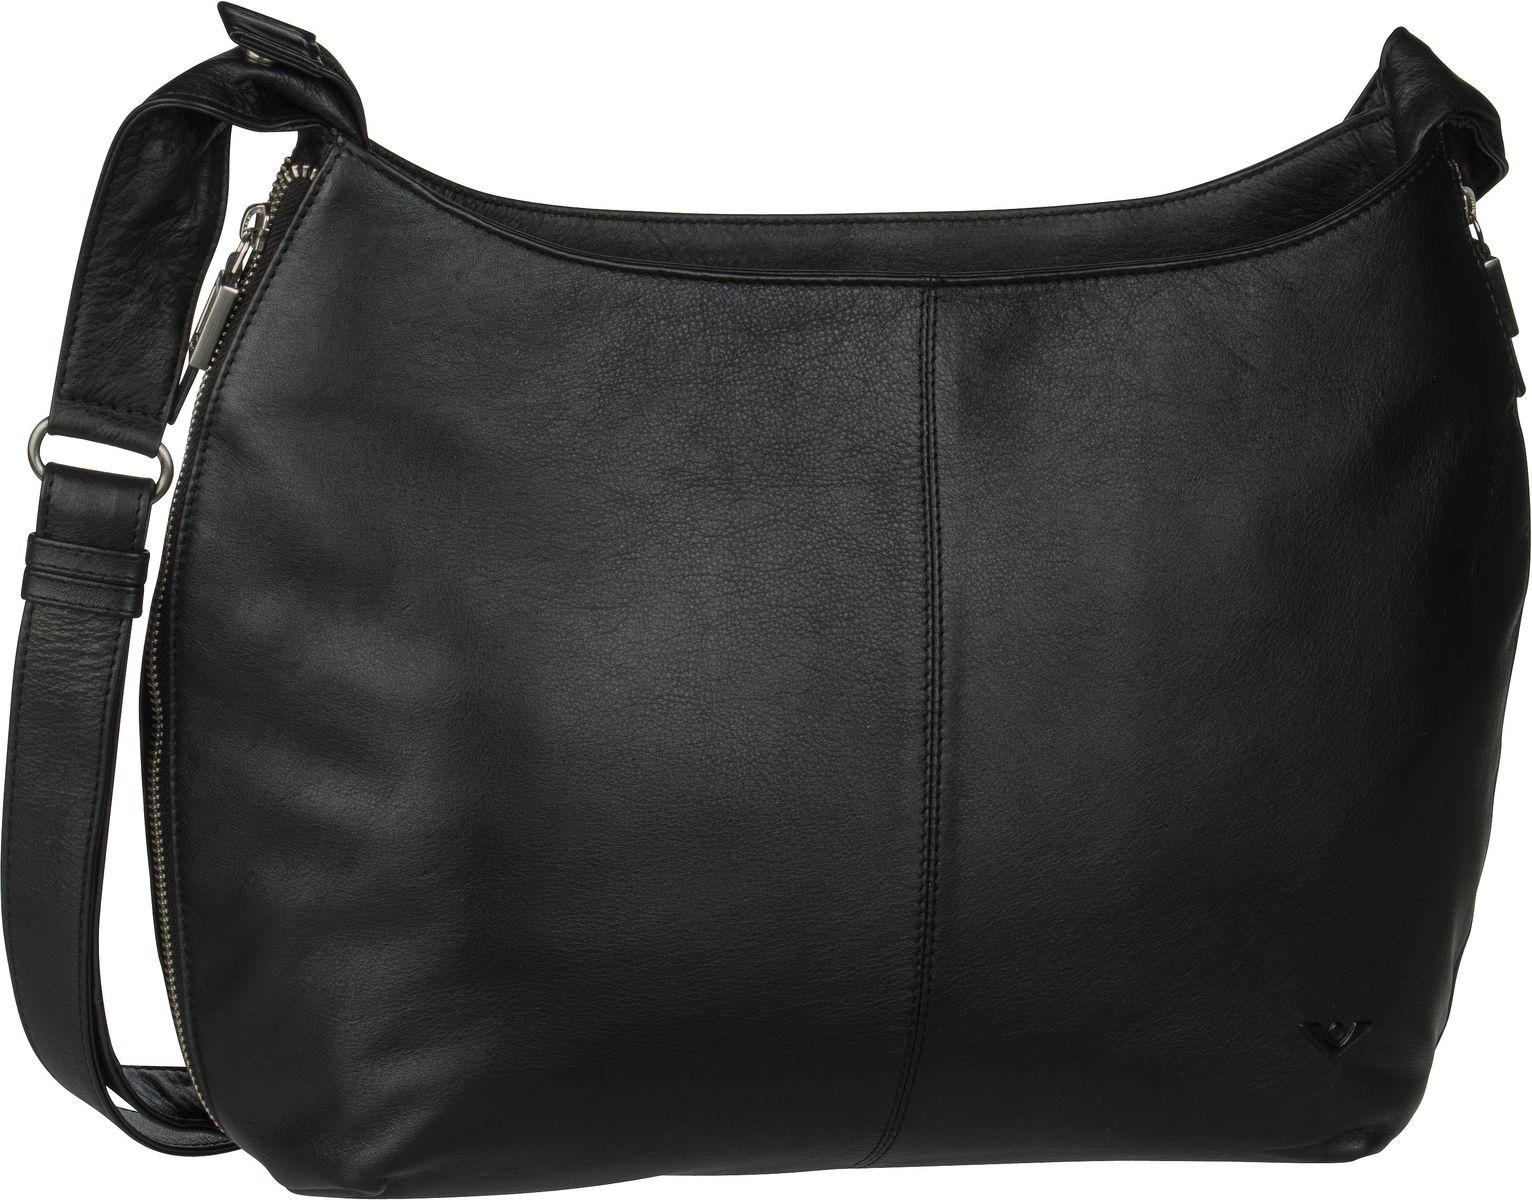 Voi Umhängetasche Soft 21553 Hobo Bag Schwarz